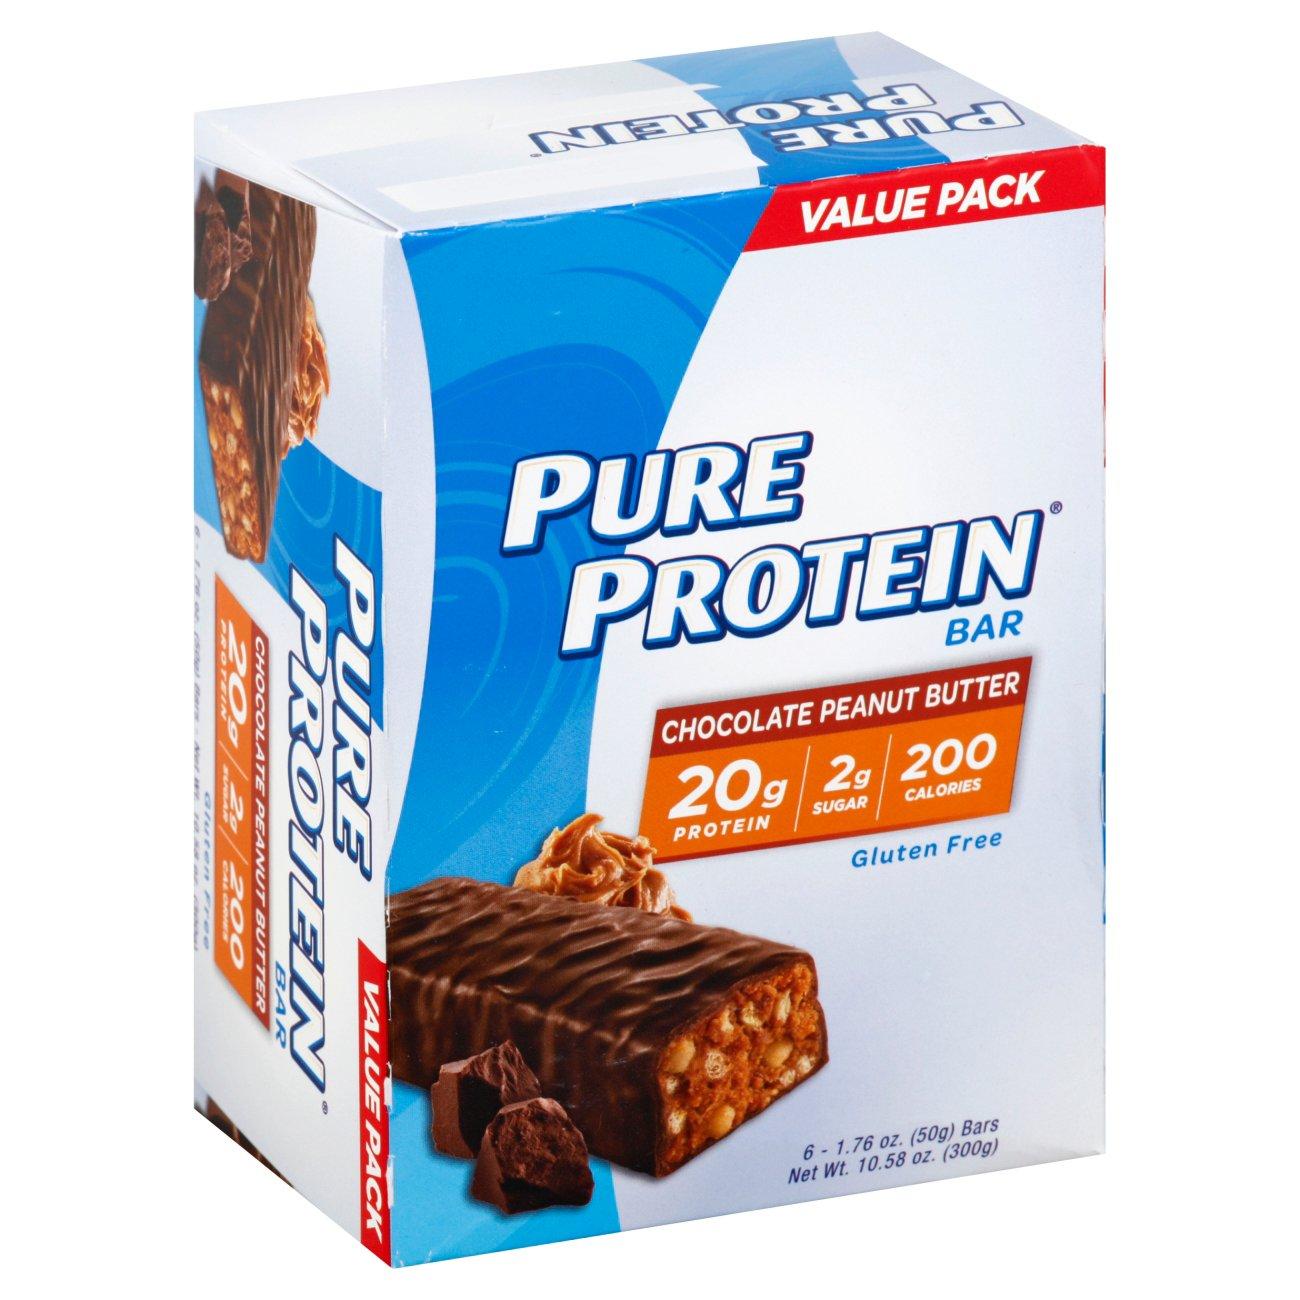 Coupon Rabais Pure Protein Imprimable De 1$ Sur Save